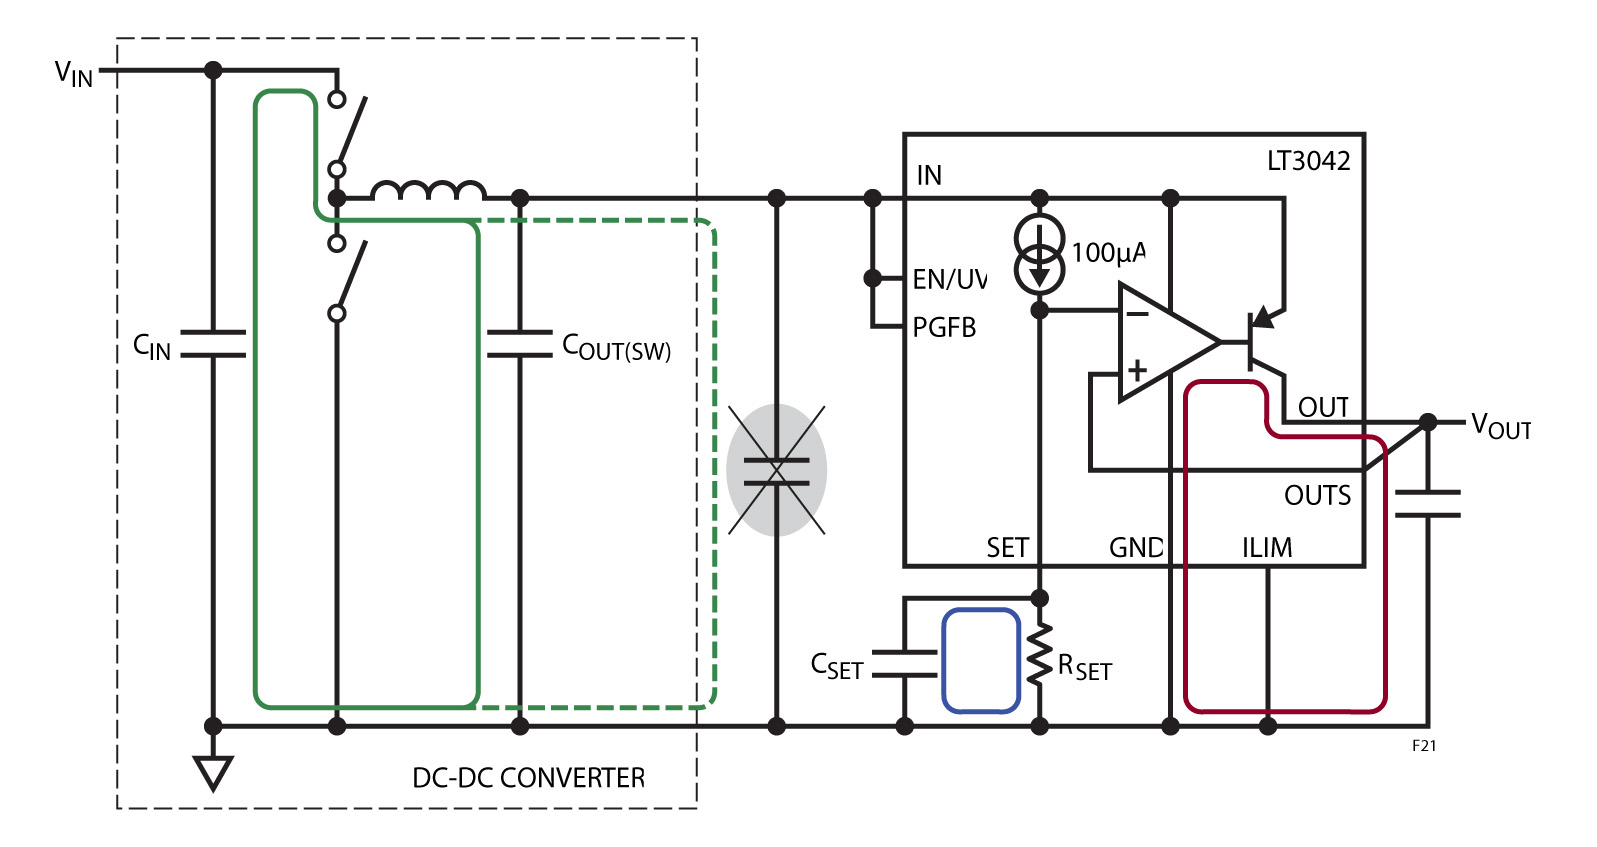 Figura 21. Lo schema evidenzia l'anello di corrente alternata del convertitore CC-CC insieme ai percorsi sensibili all'accoppiamento magnetico.